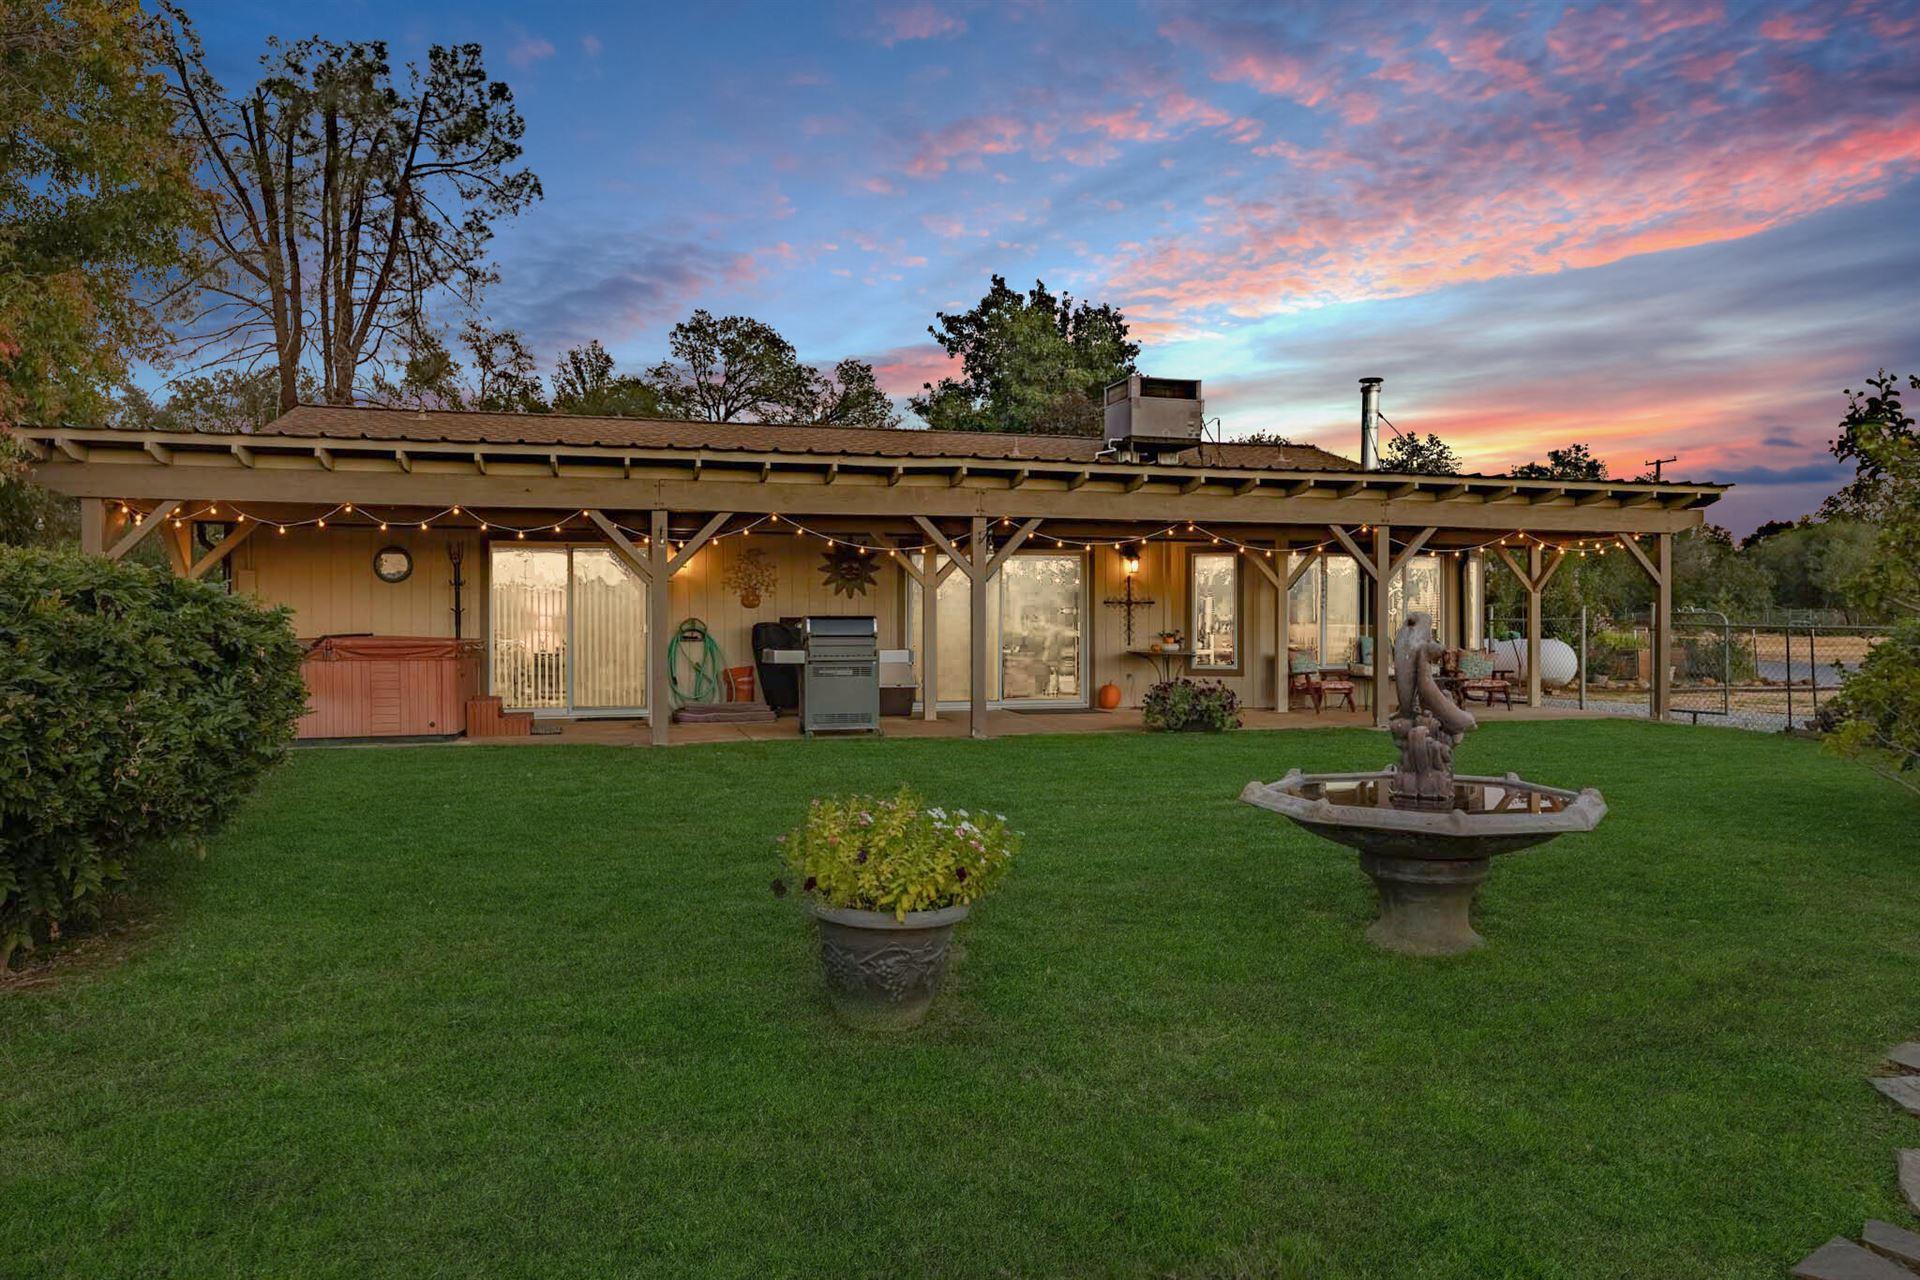 Photo of 5120 Rancho Vista Way, Redding, CA 96002 (MLS # 21-4877)